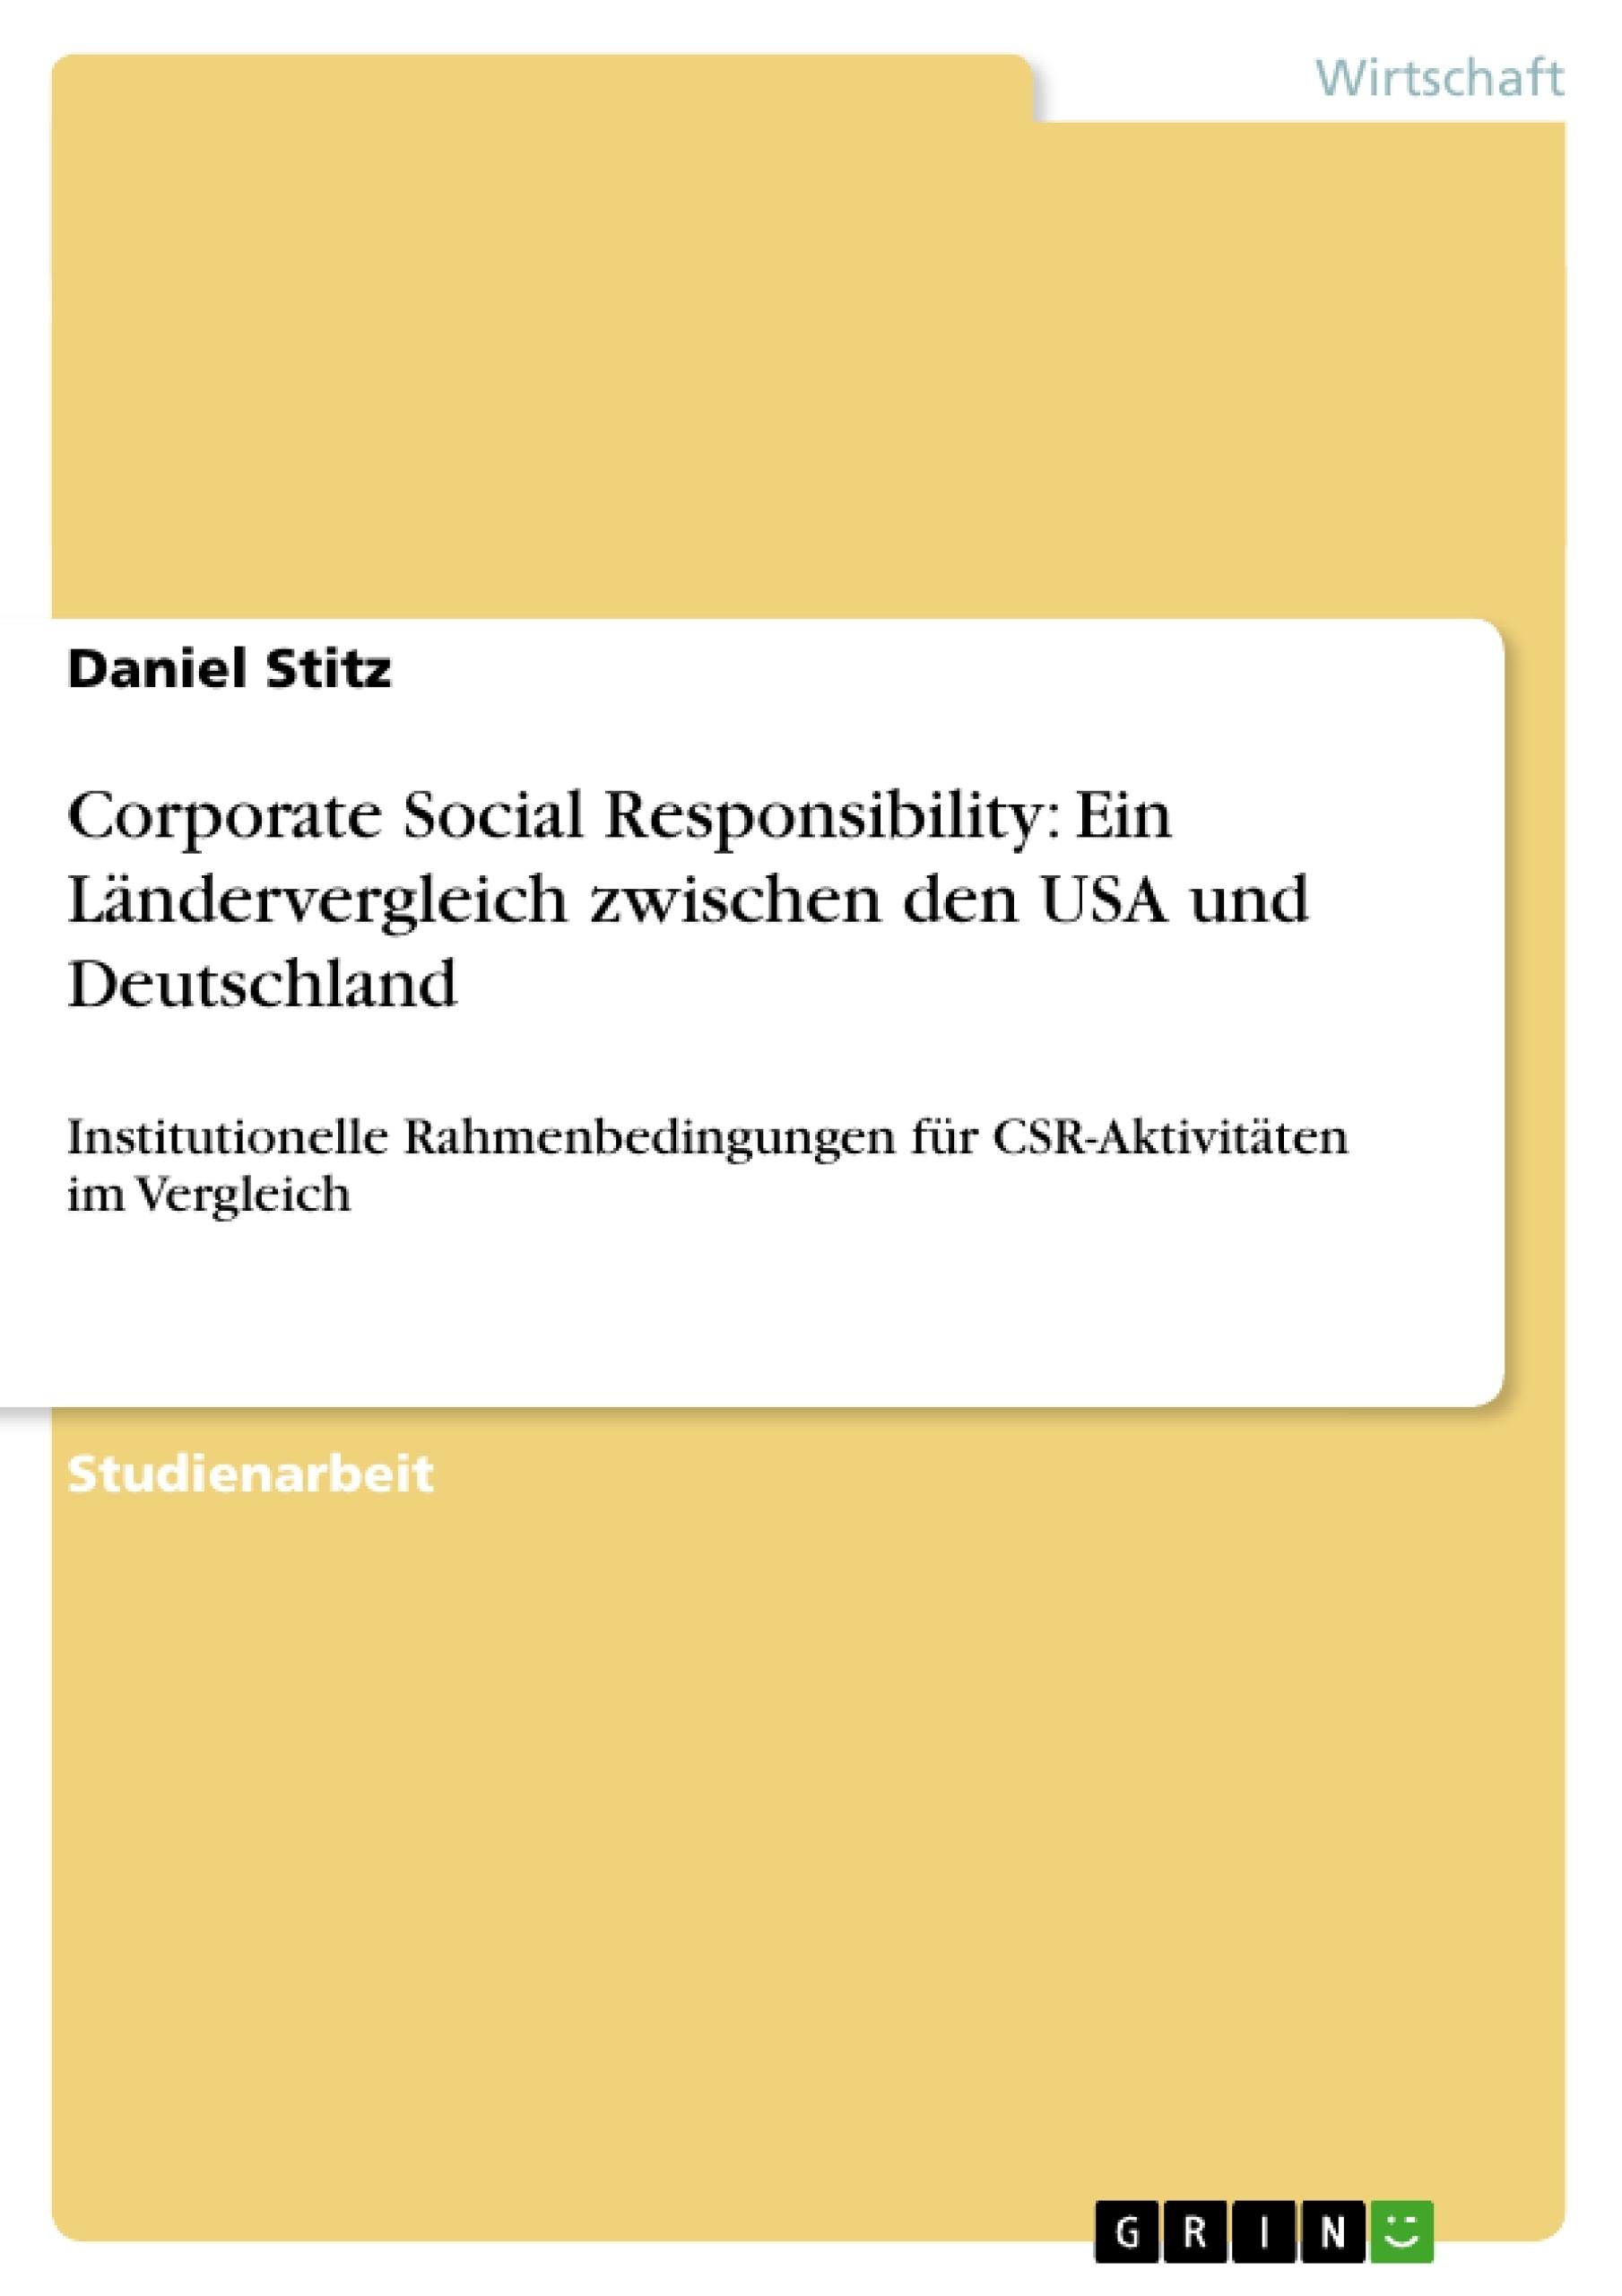 Titel: Corporate Social Responsibility: Ein Ländervergleich zwischen den USA und Deutschland